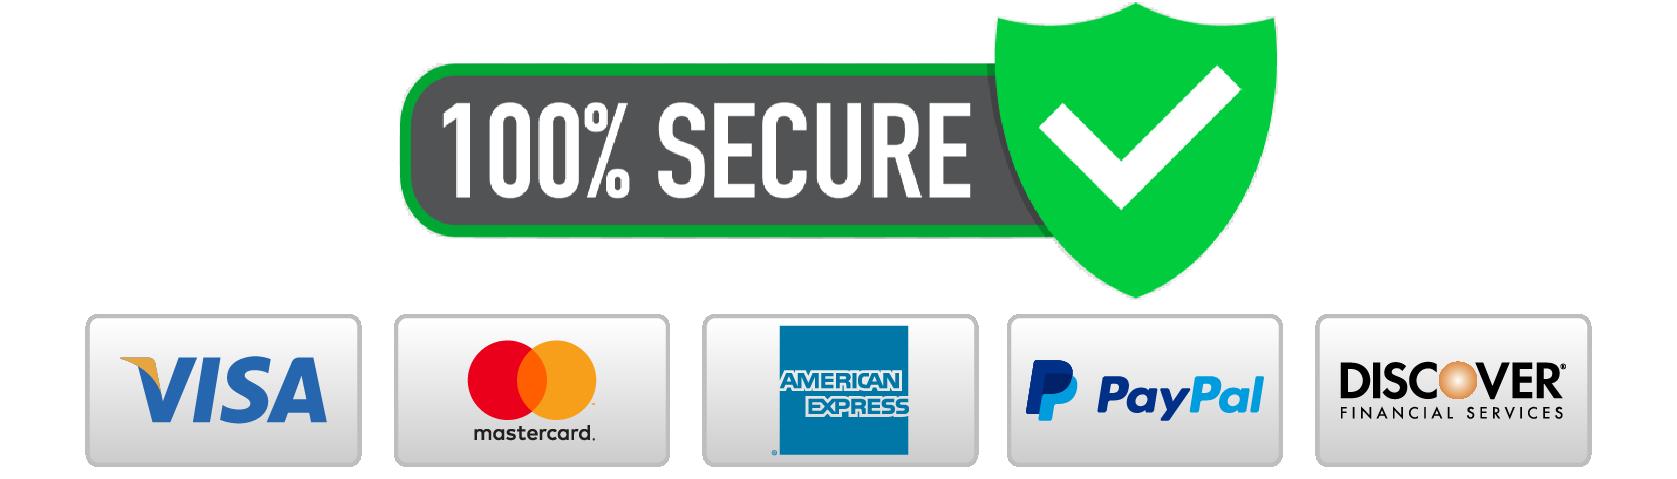 Shop Securely